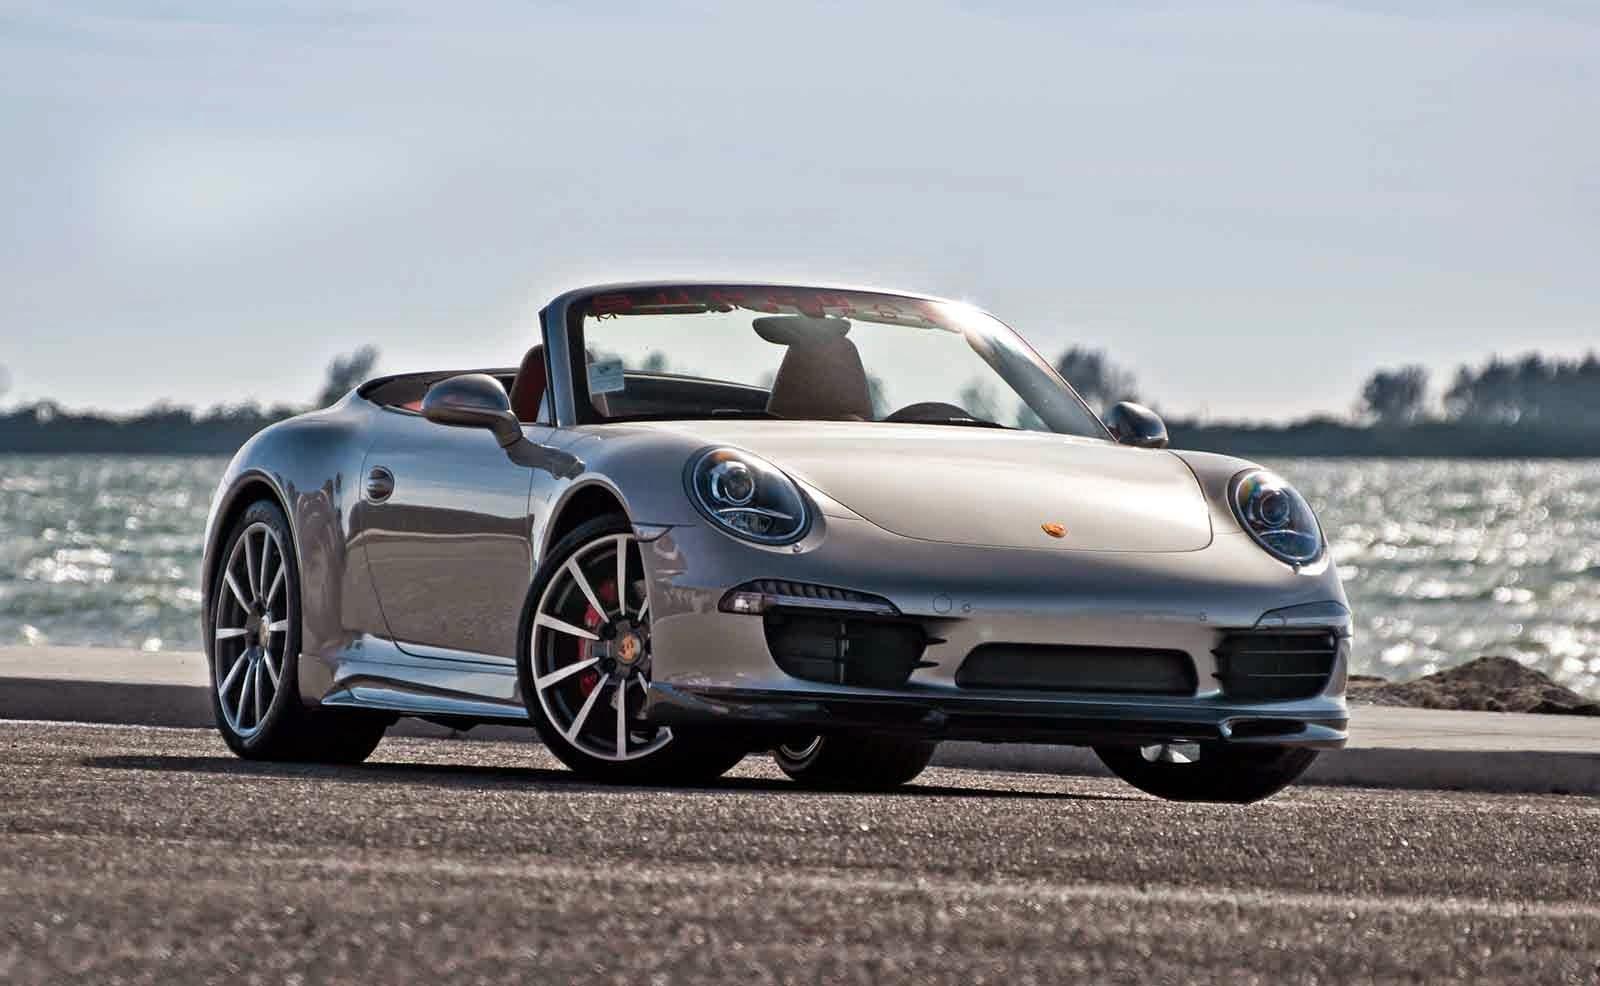 2014 Porsche 911 Carrera S Cabriolet Review